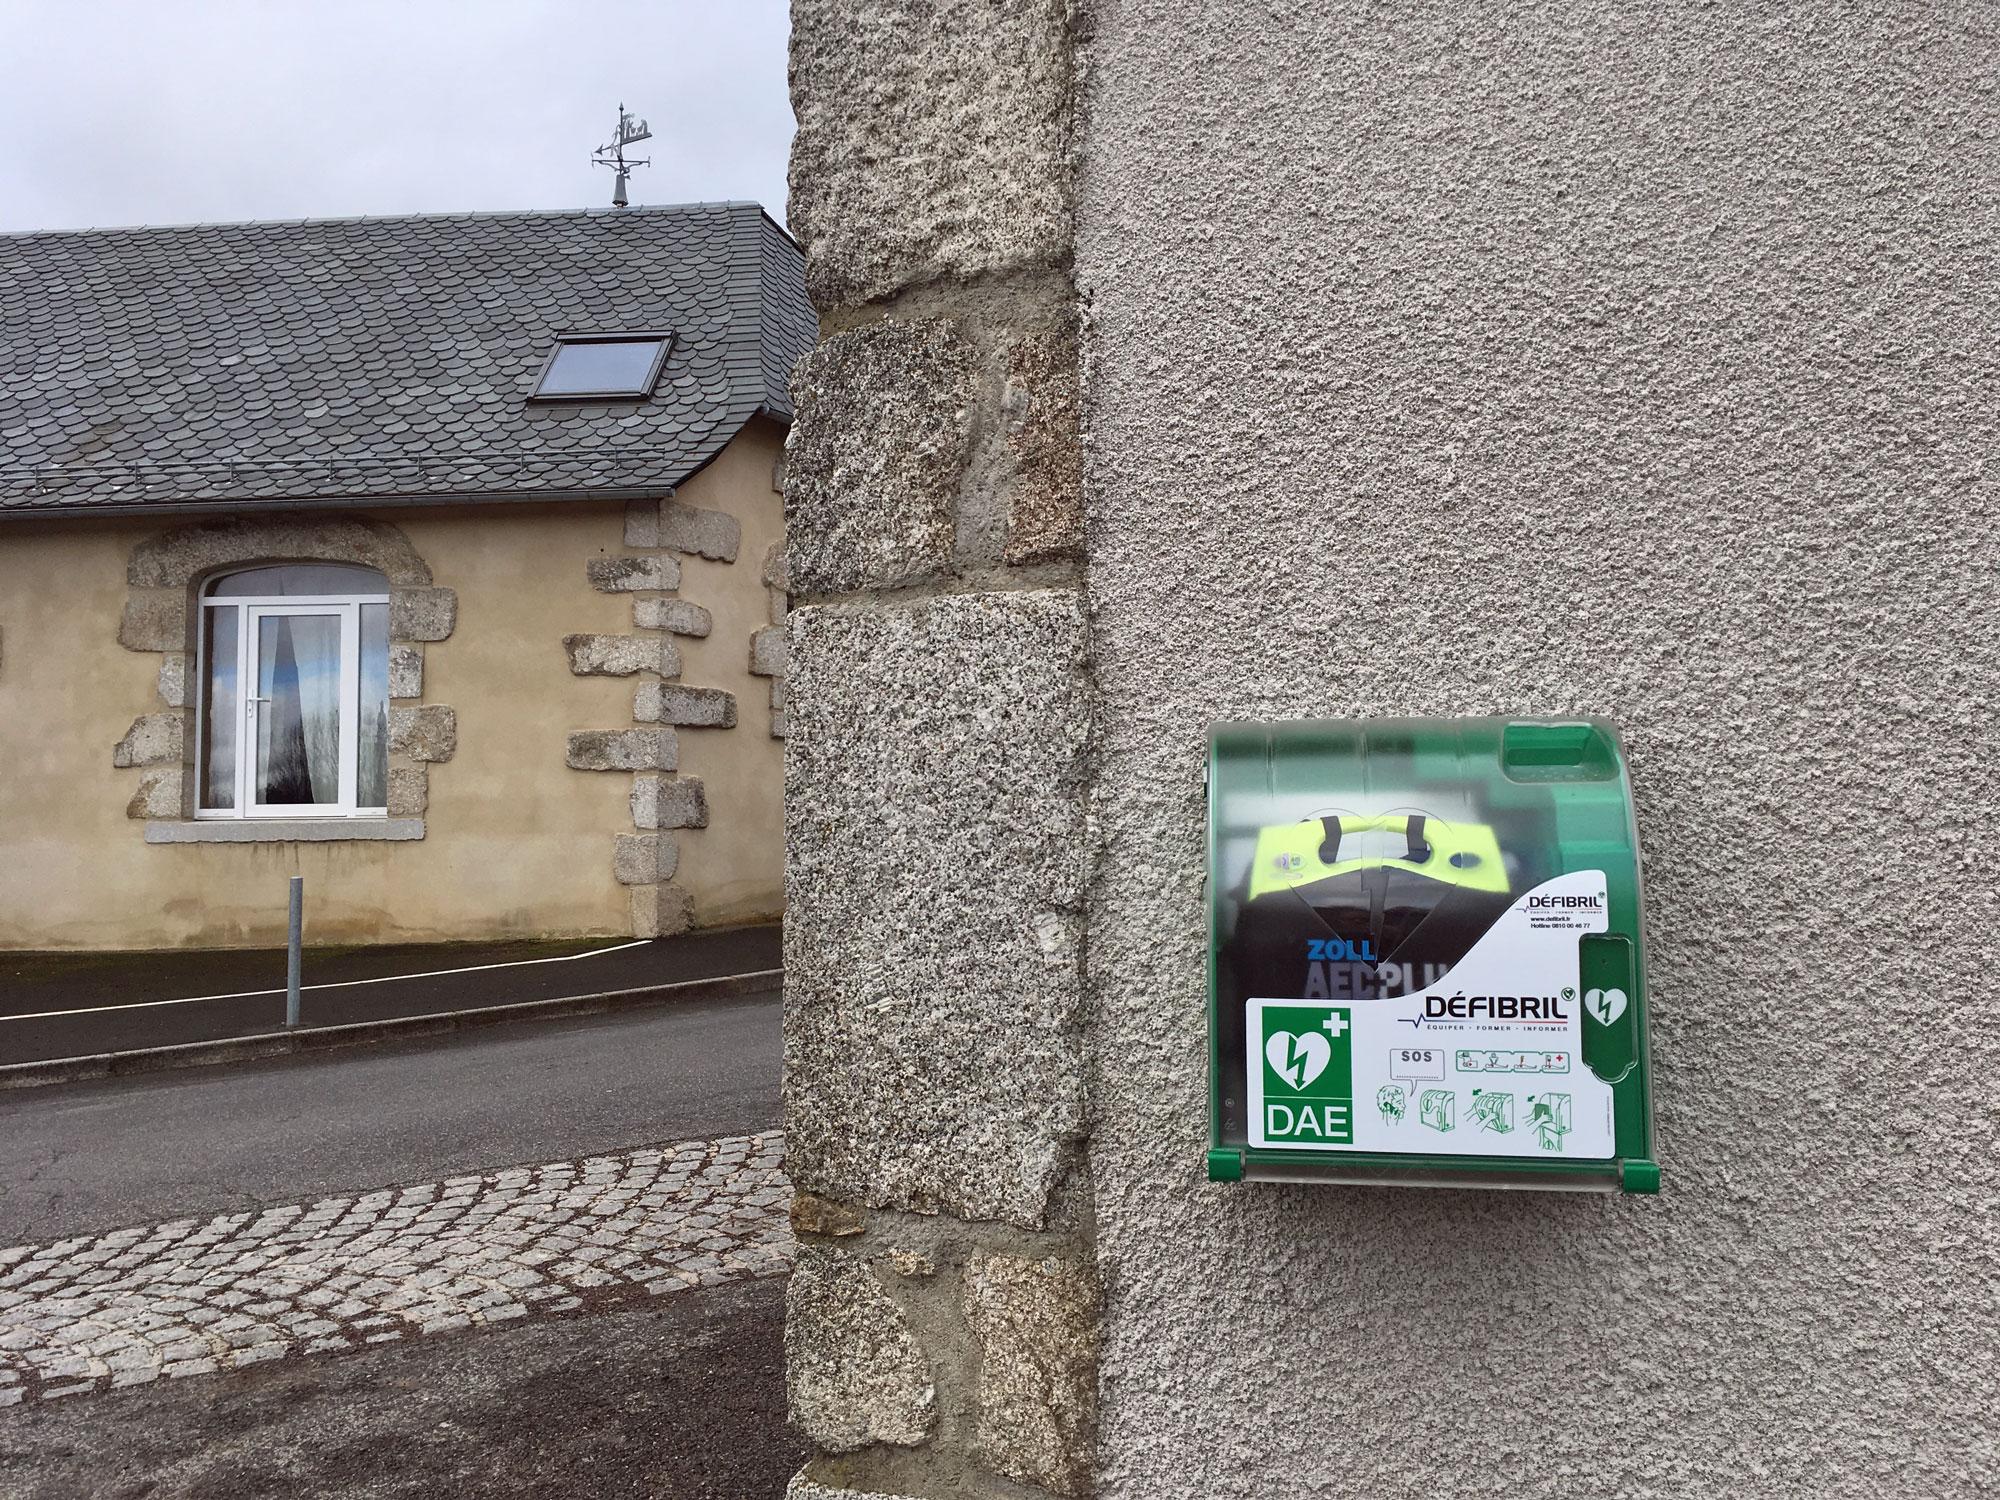 Un défibrillateur automatisé externe (DAE) vient d'être installé au Fau de Peyre sur la façade du restaurant del Faou, côté route de Salèles.